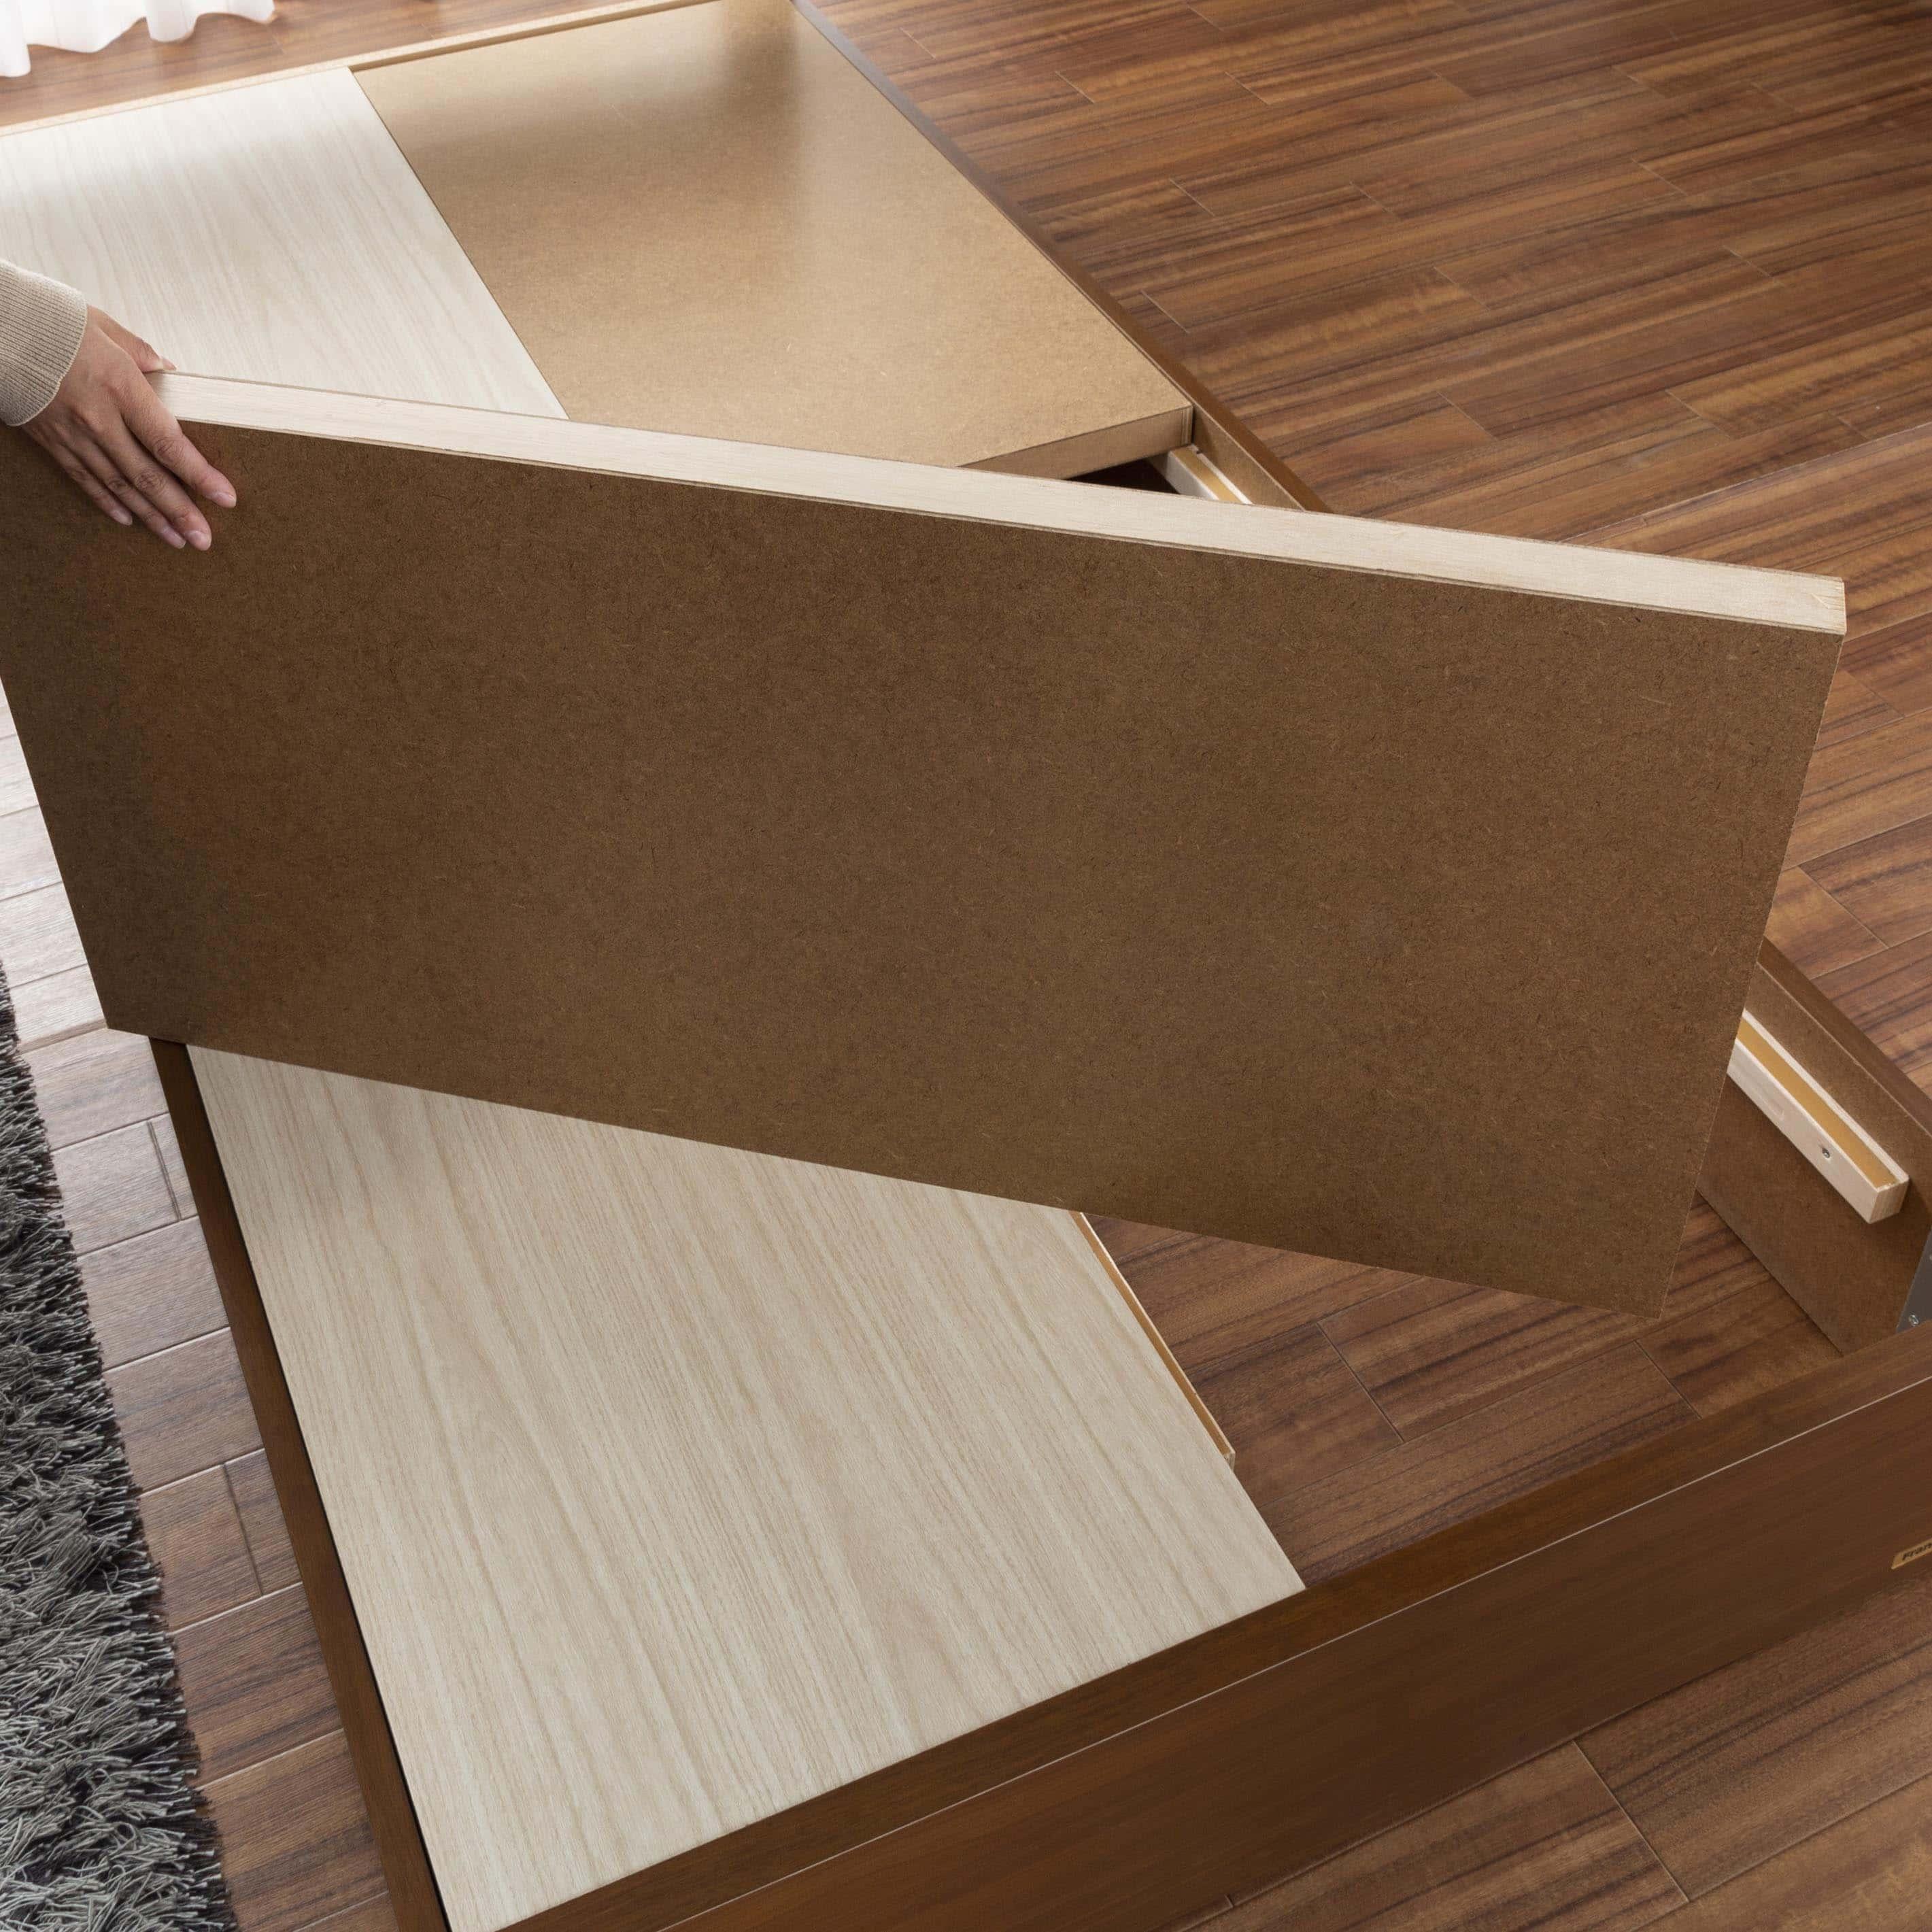 シングルベッド コスモプラス(ペールアンバー)/シルバー800DX3(BL):しっかり安定感のある床板